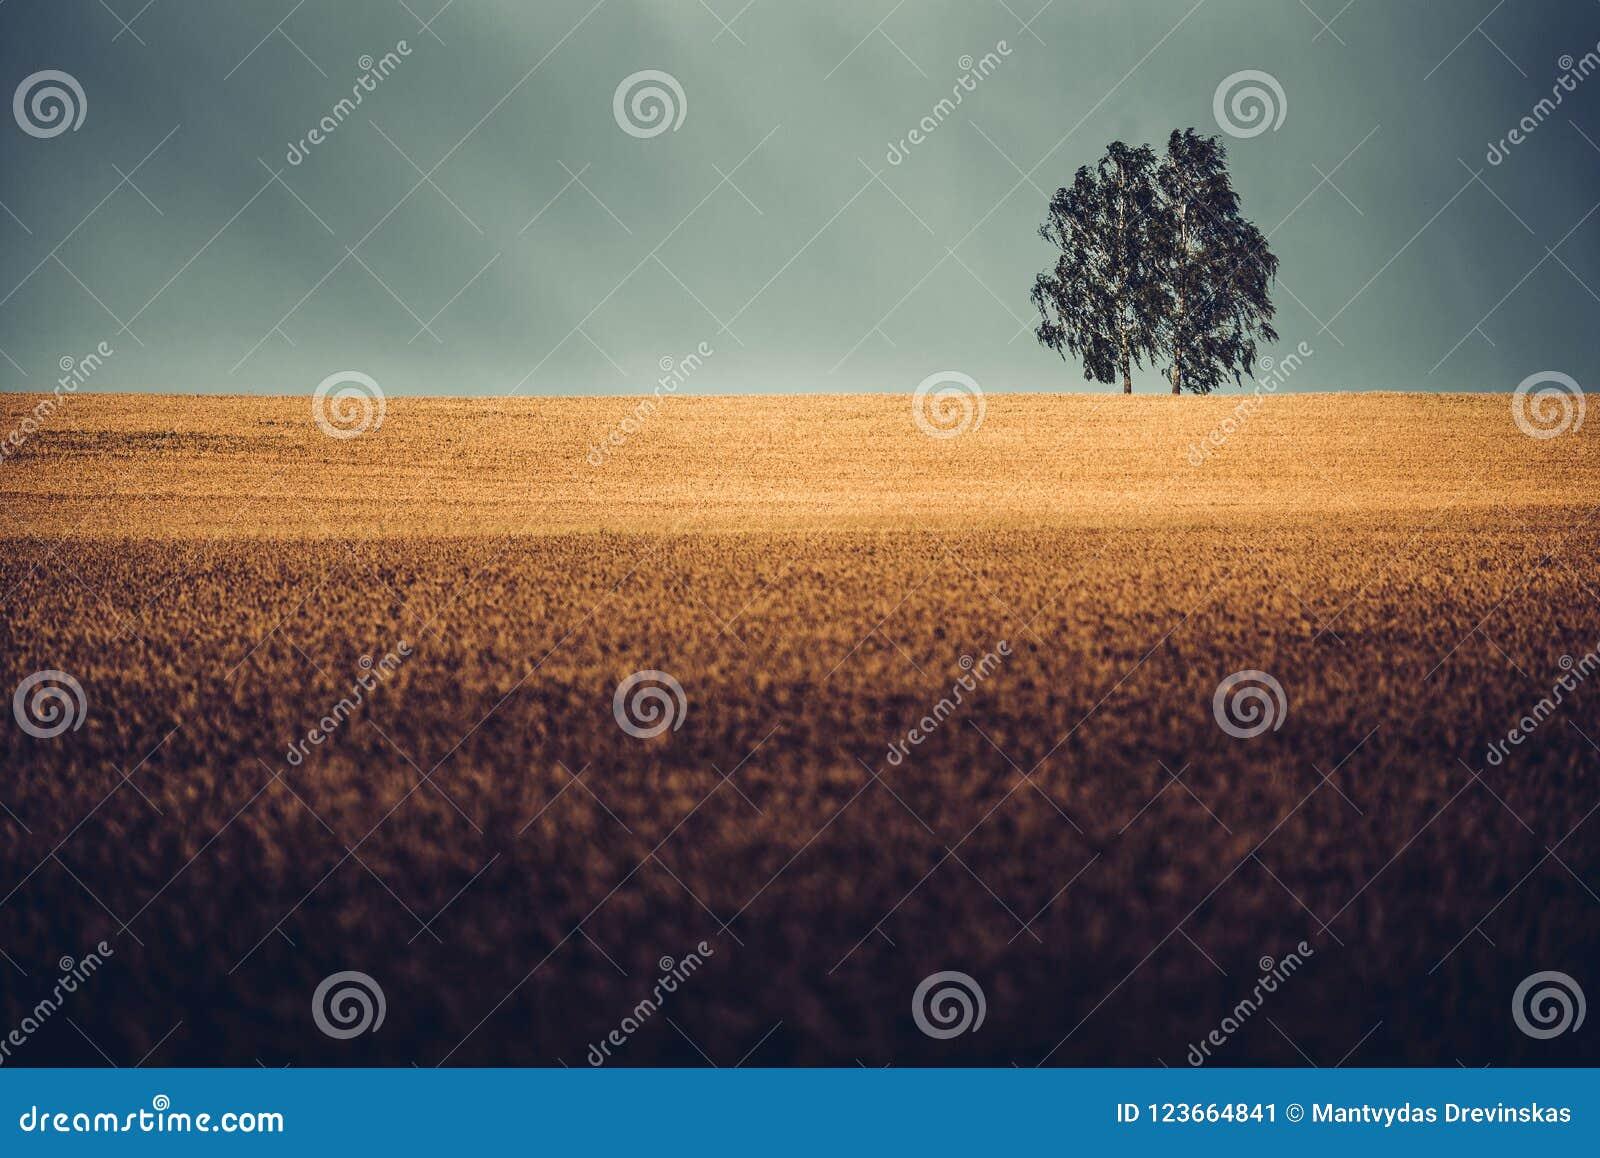 Dos árboles de abedul en campos de trigo de oro